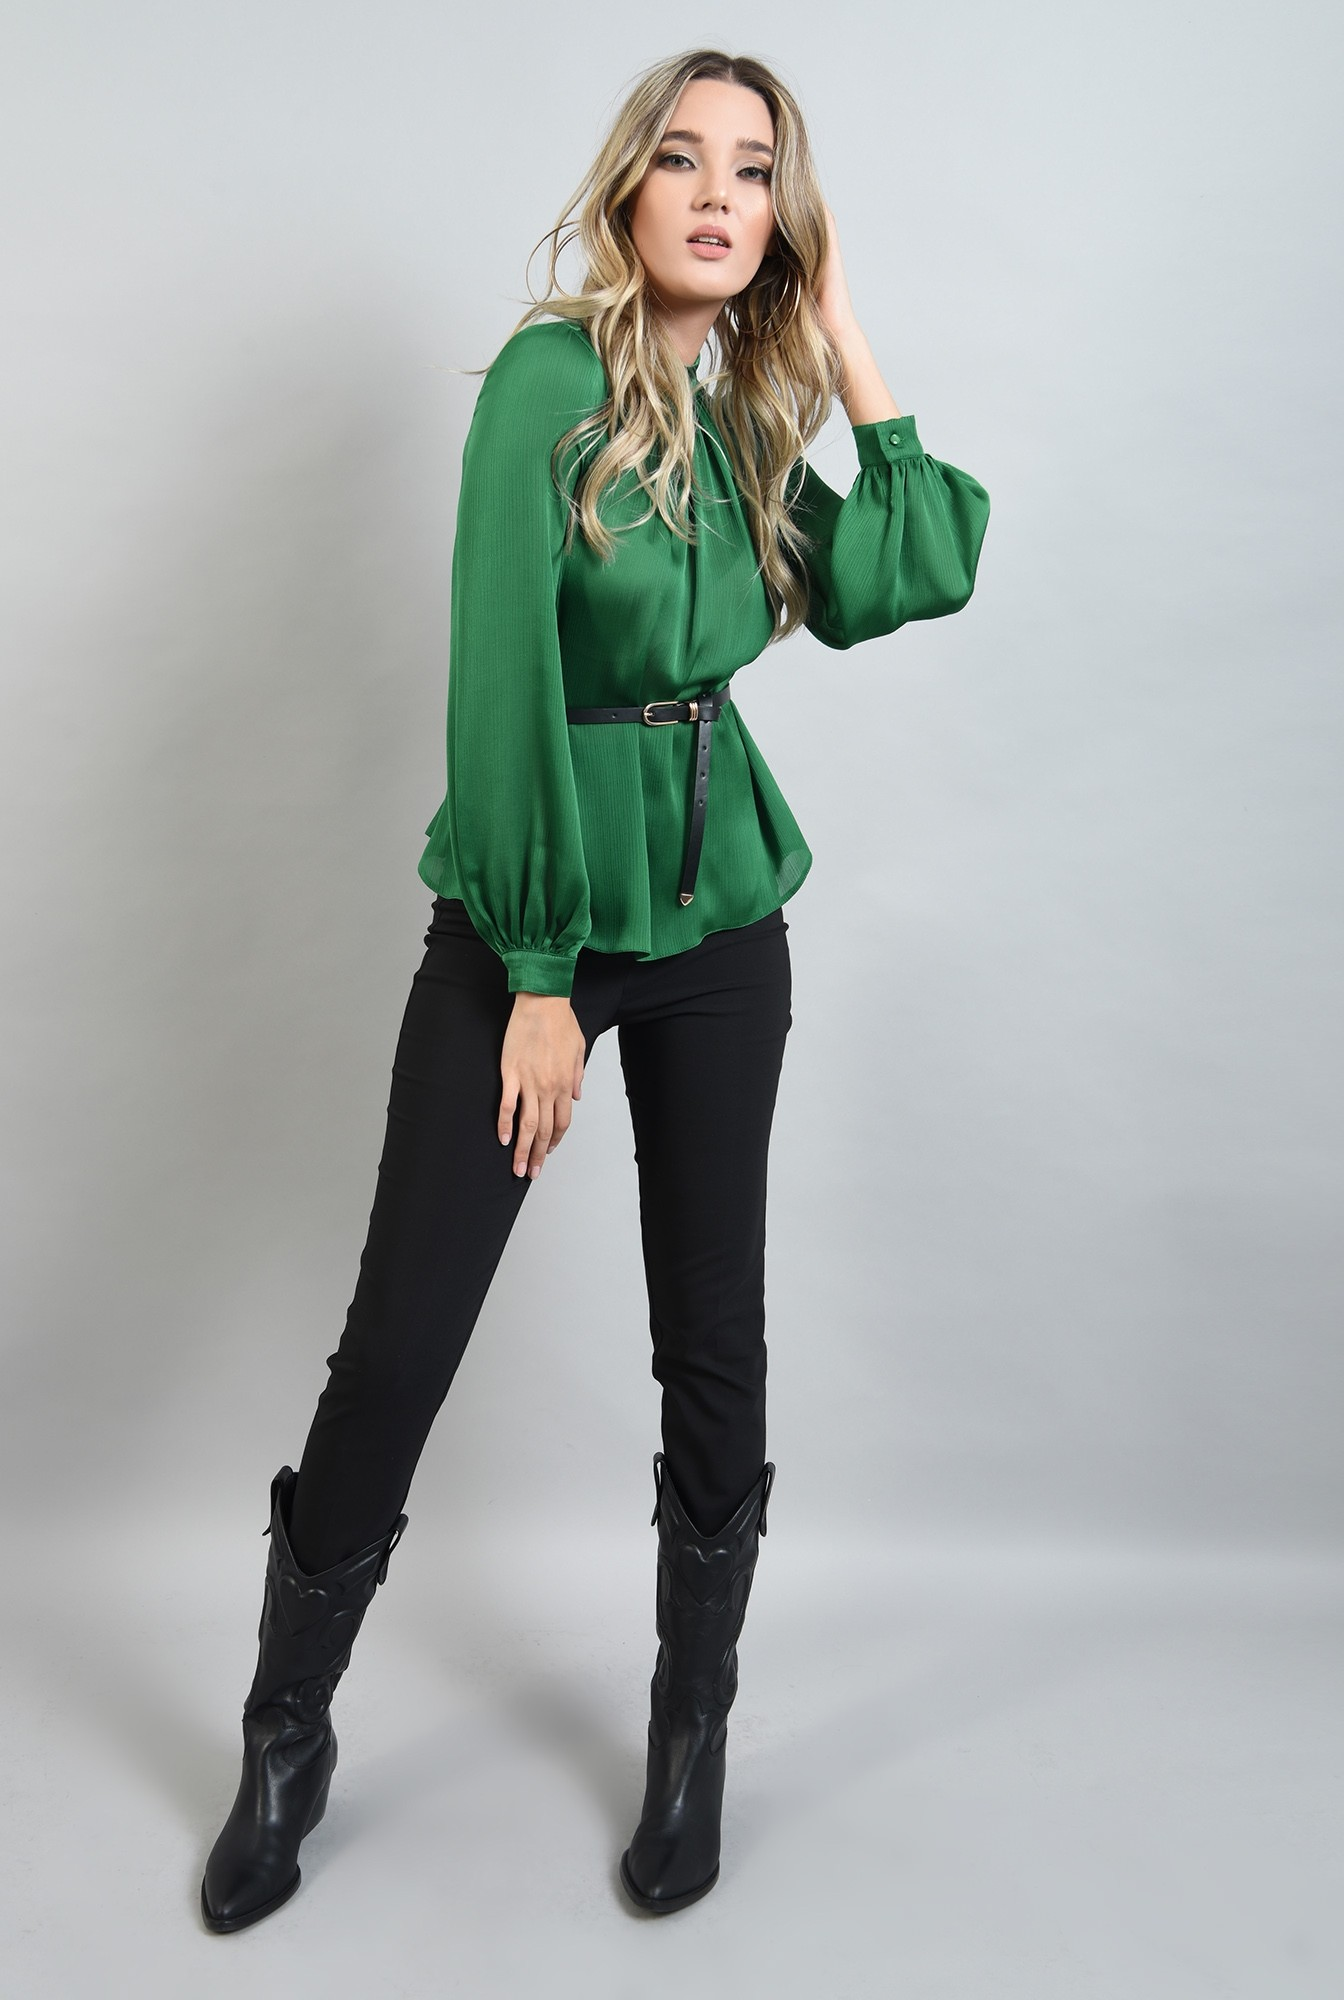 0 - bluza lejera, verde, cu guler inalt, cu pliuri